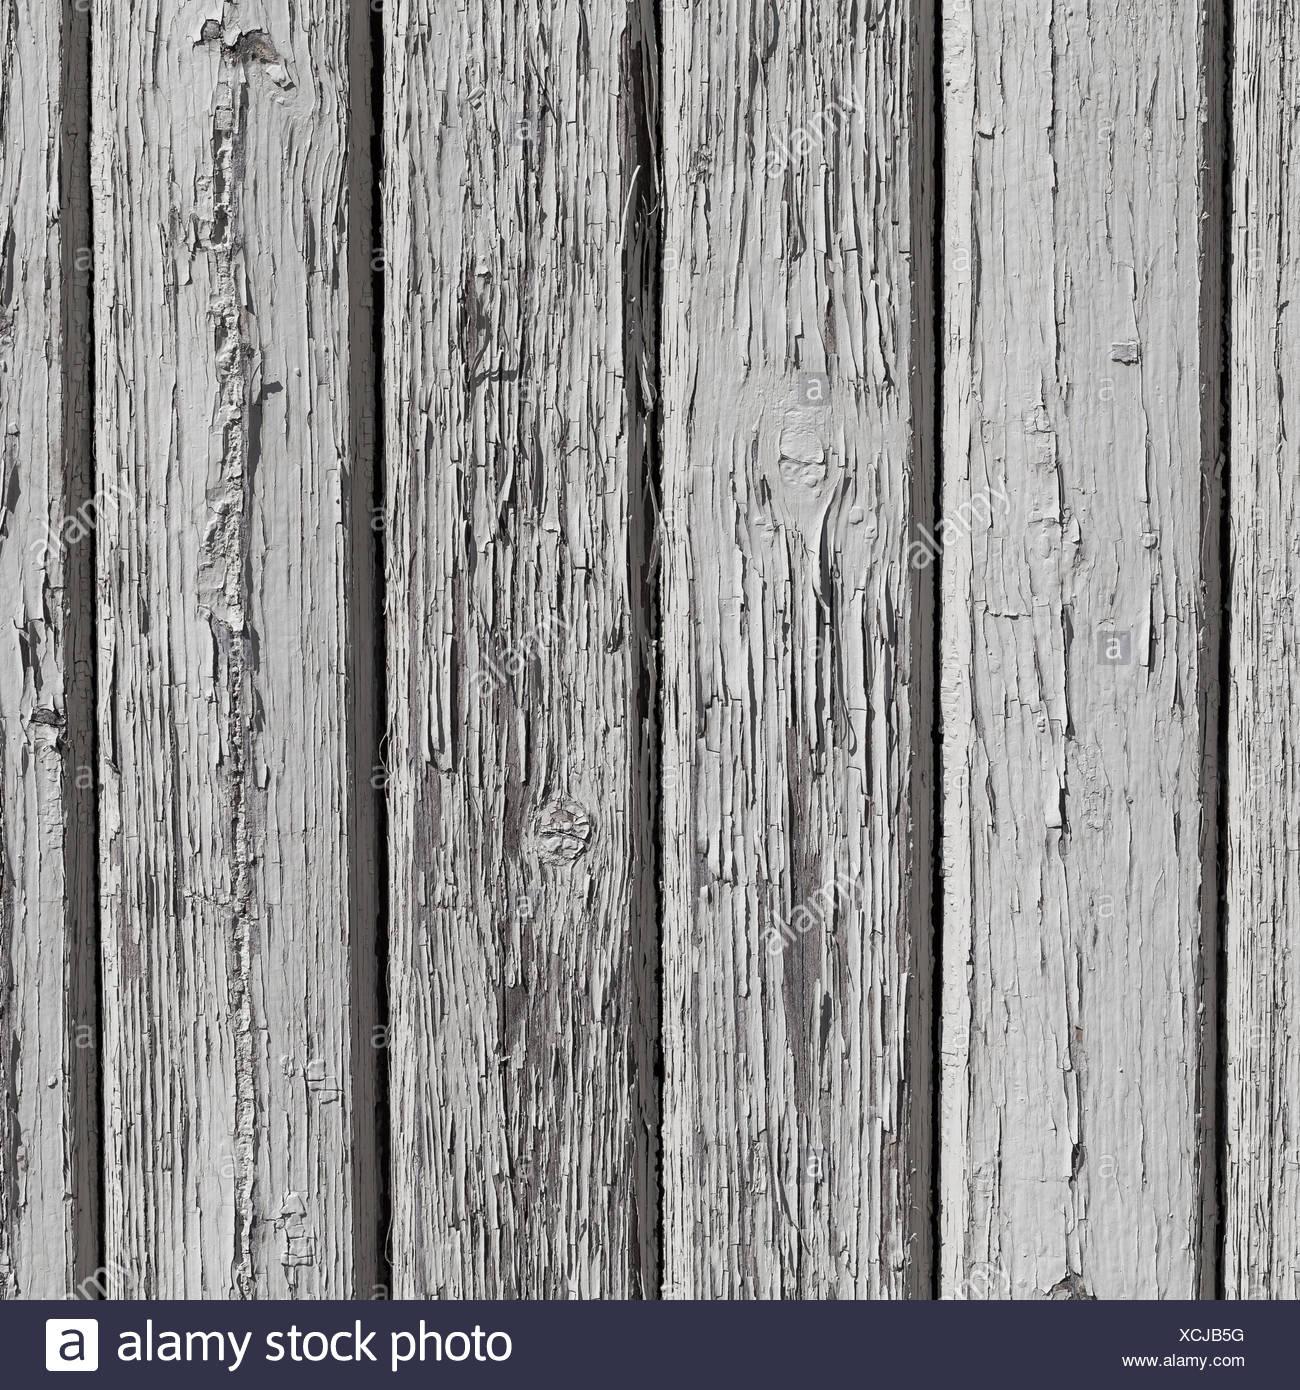 Board Farbe Holz Kontrast Oberfläche Farbe Monochrome Knacken Fugenbild Dekorative  Beschichtung Film Alte Verwitterte Fissur Hintergrund